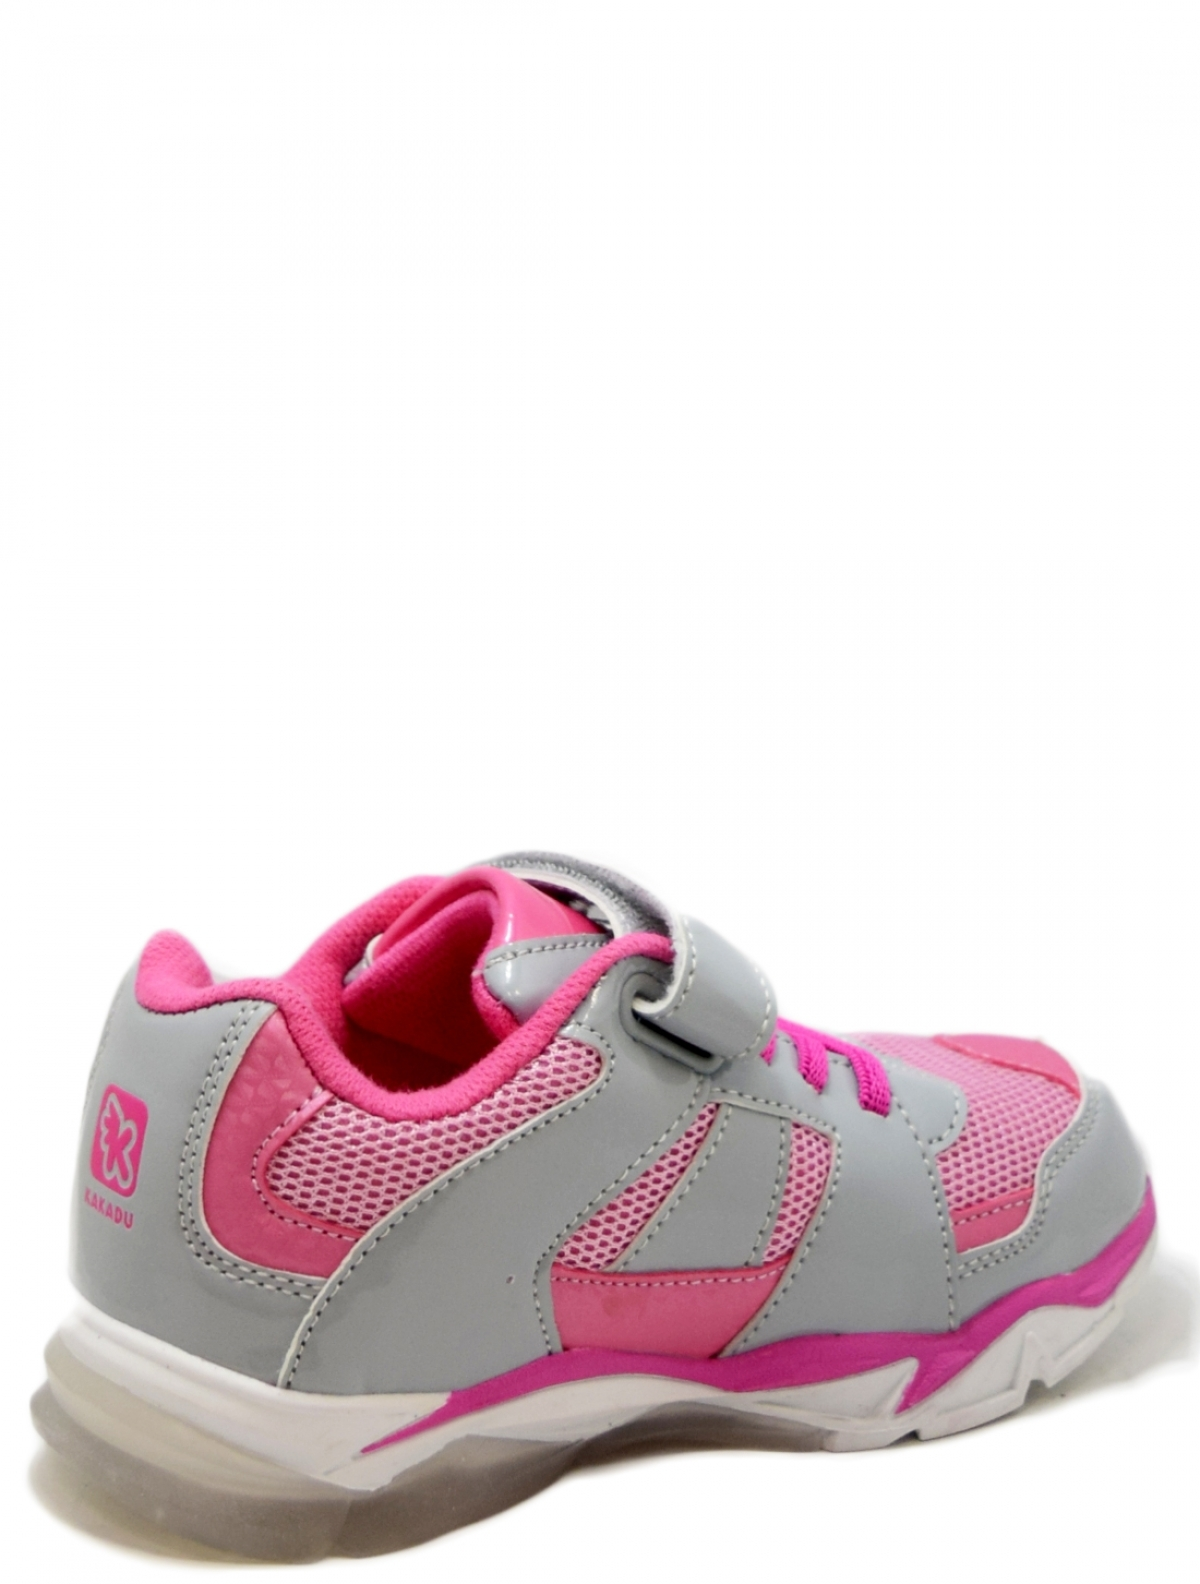 6730C кроссовки для девочки